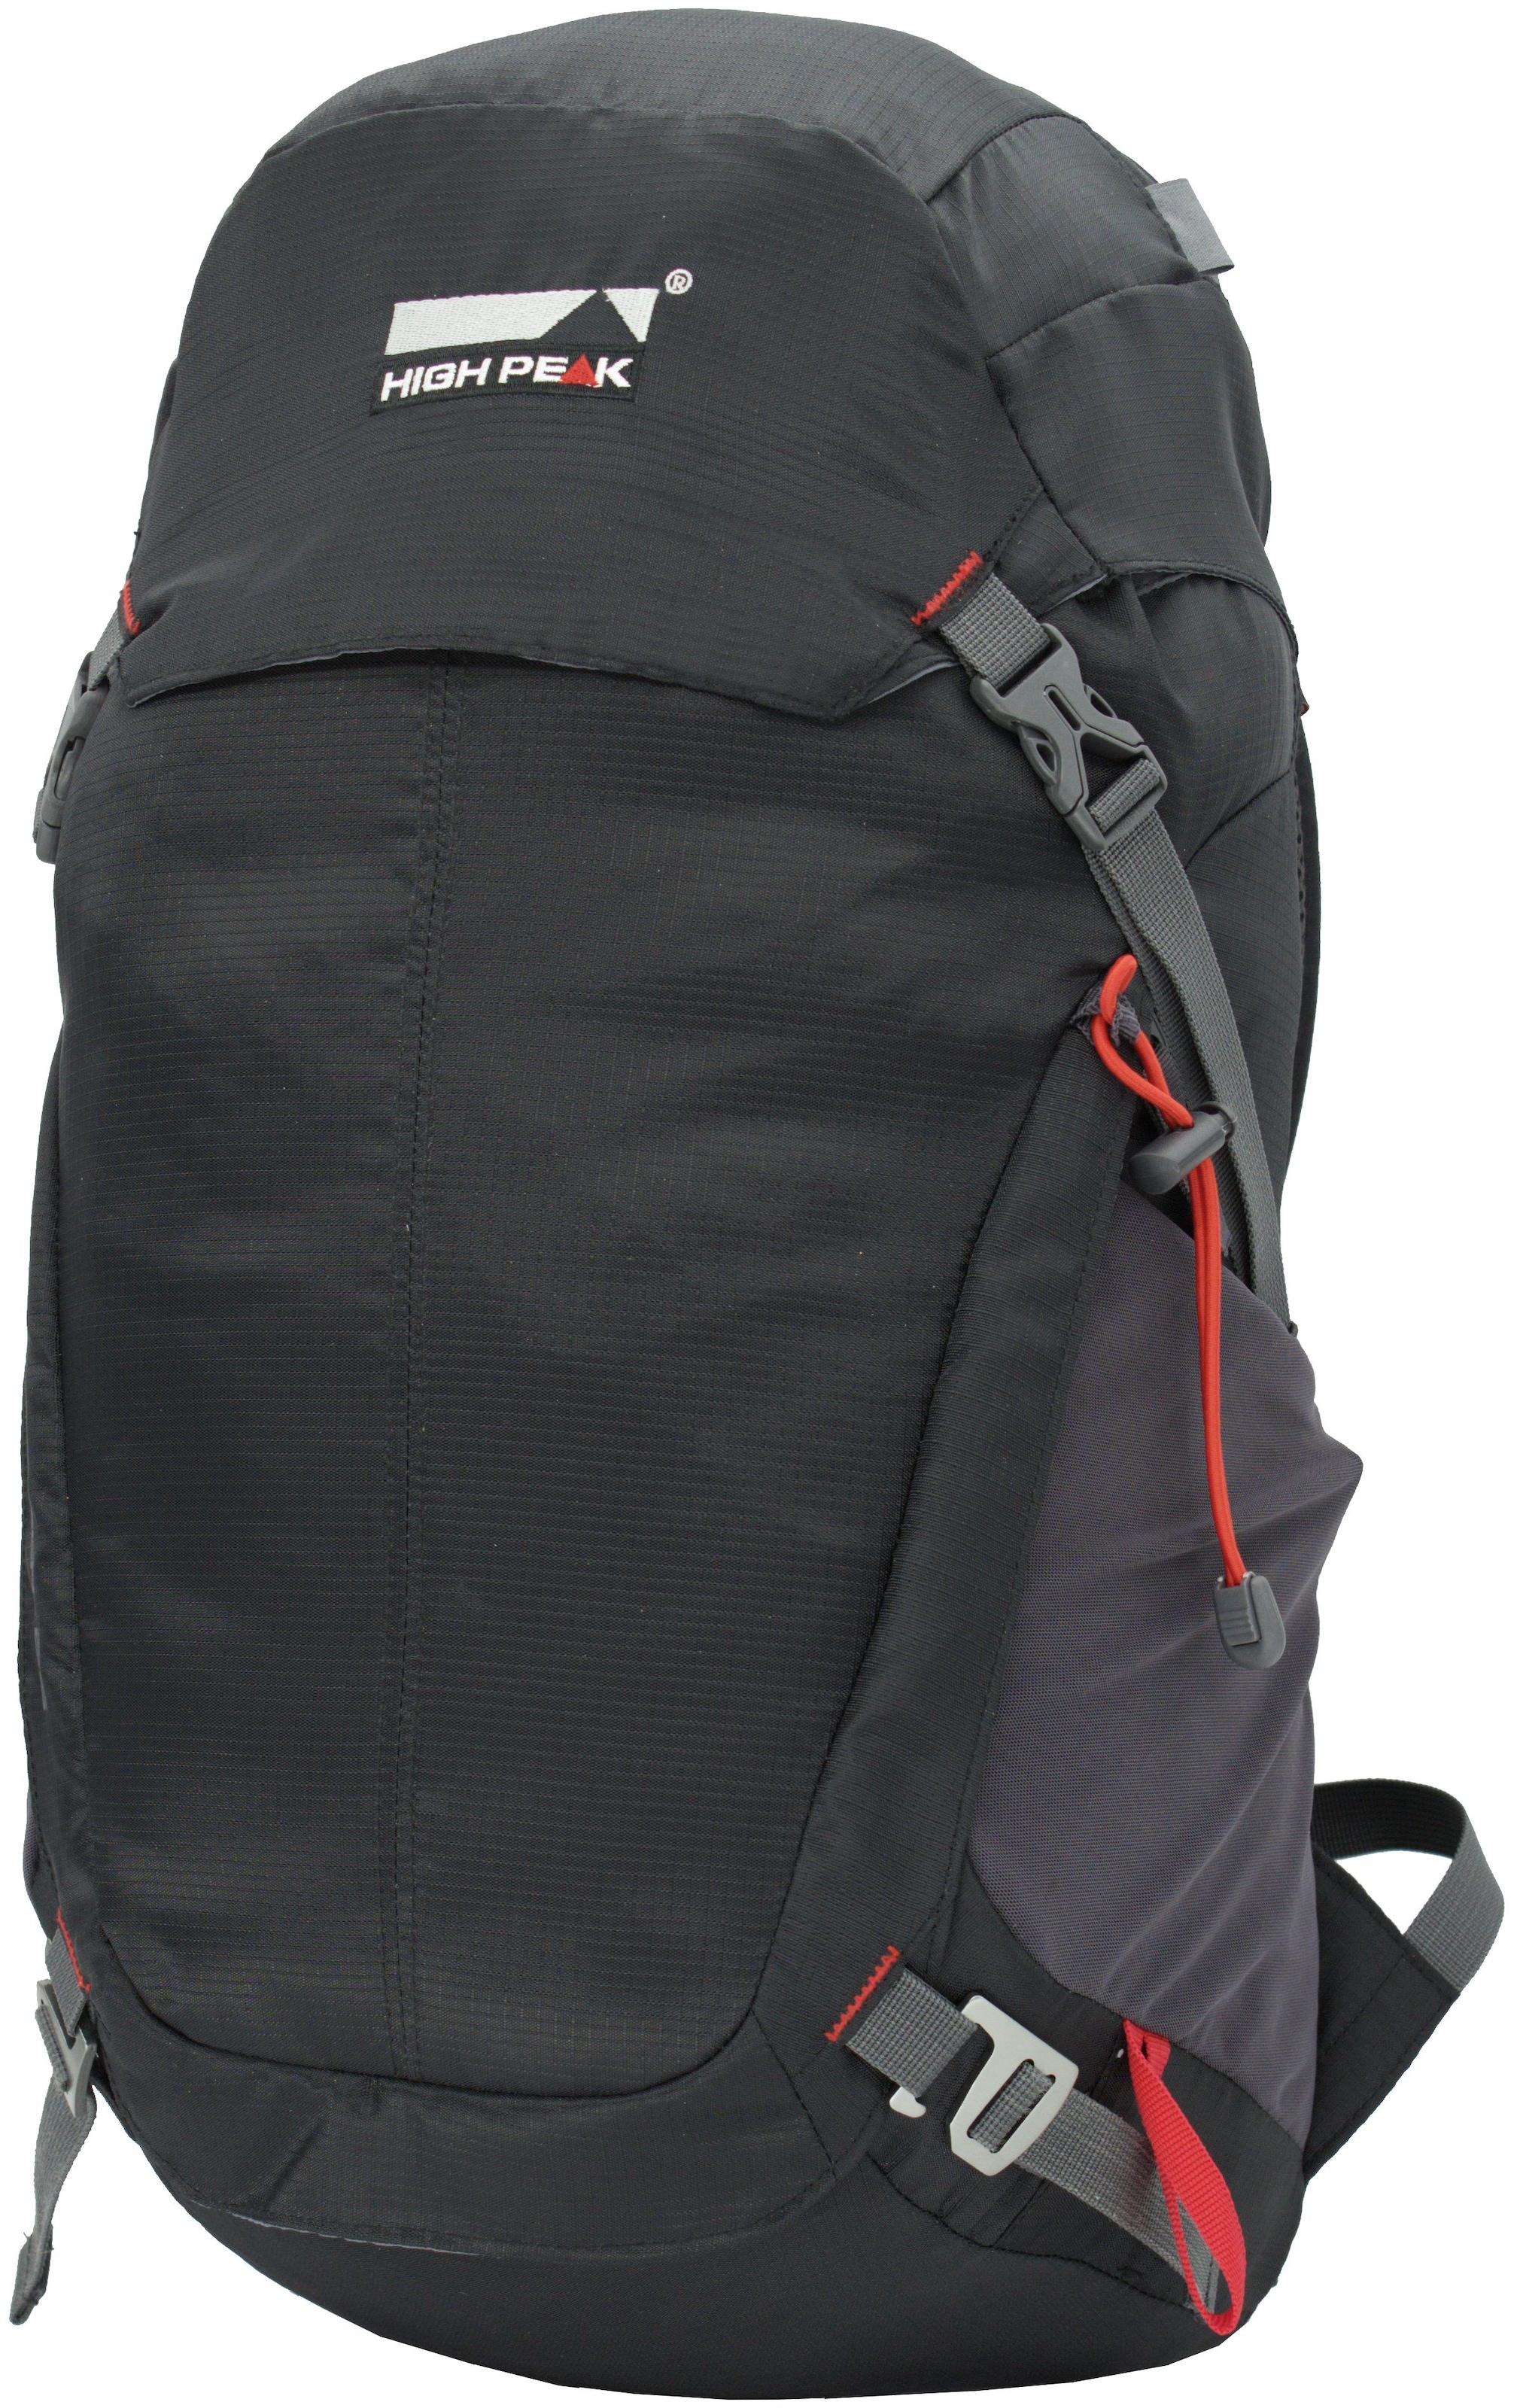 Image of High Peak Wanderrucksack »Wanderrucksack Oxygen 32«